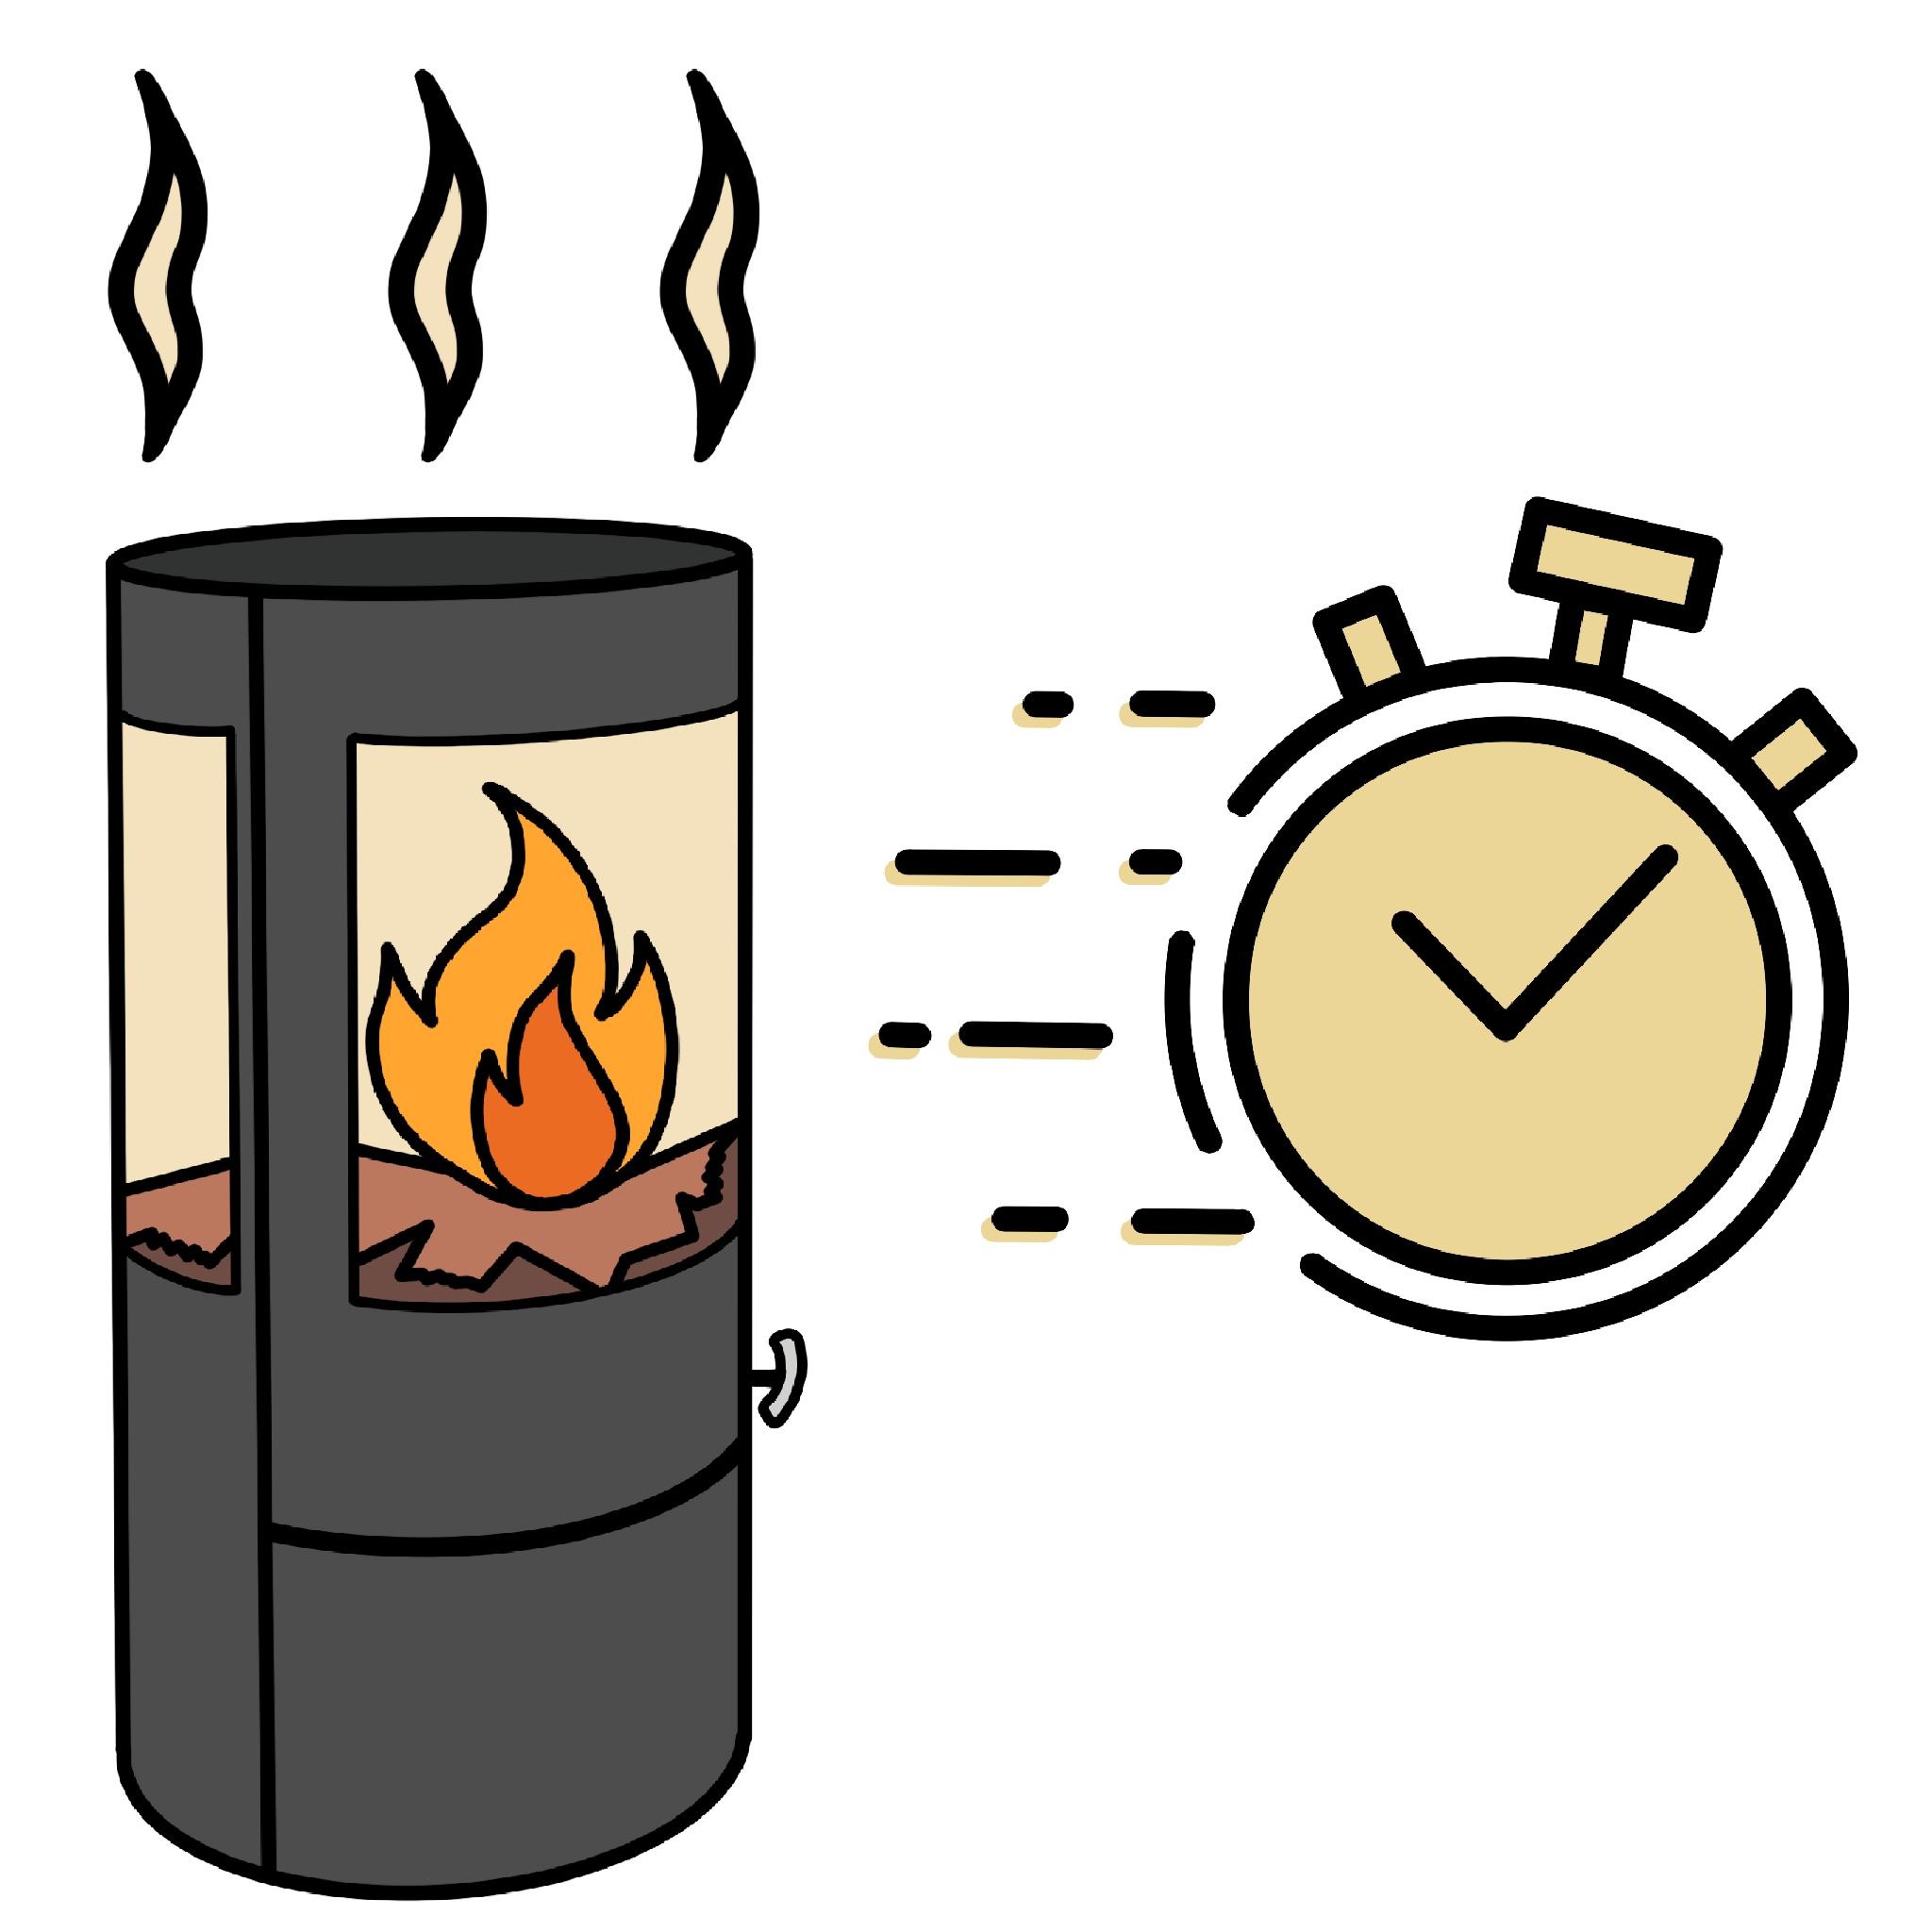 Eine schnelle Wärmeabgabe.